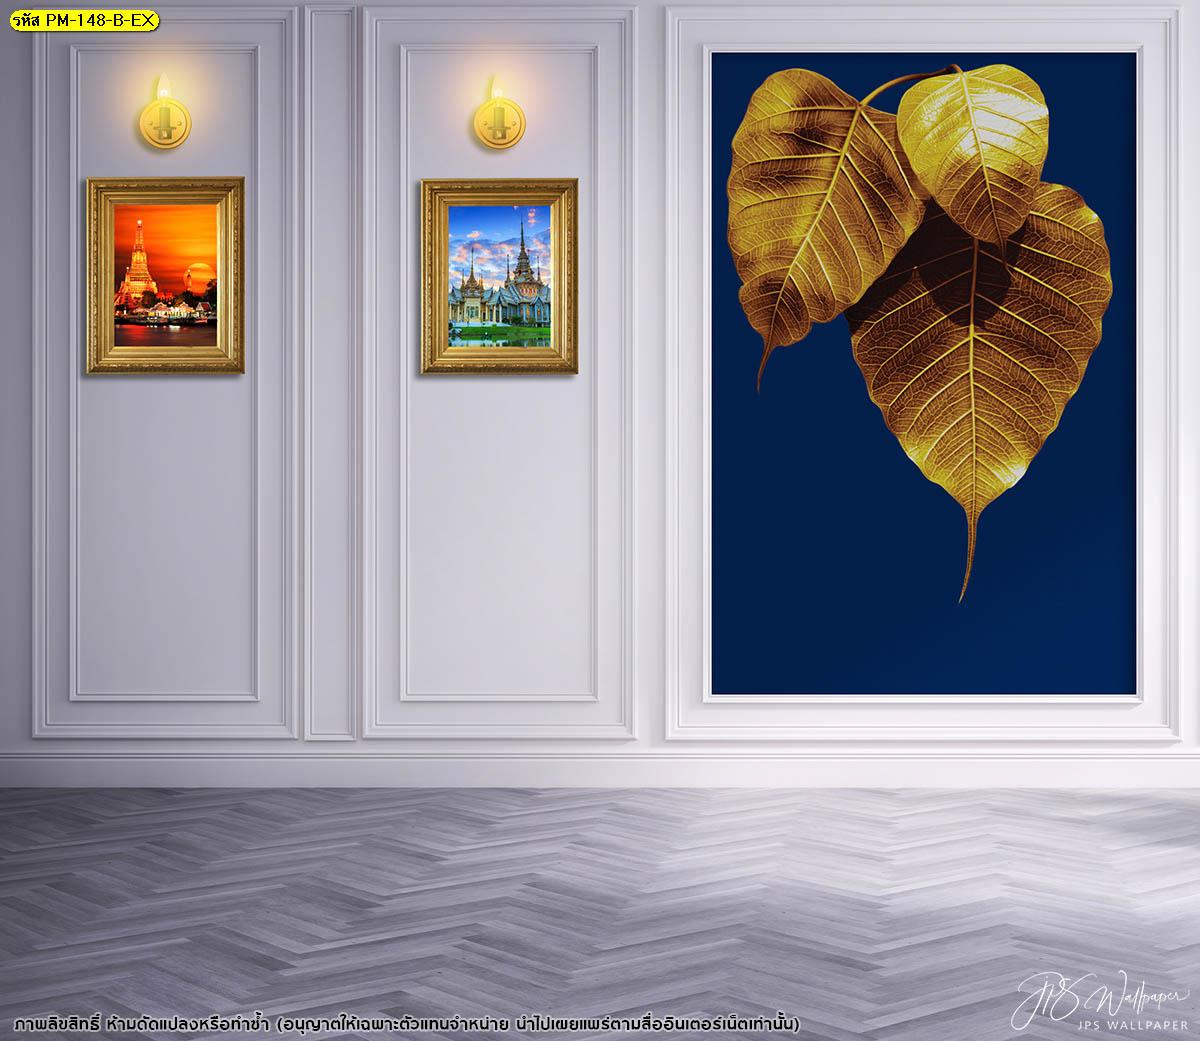 จัดบ้านให้สวยและมีความเป็นไทยด้วยภาพใบโพธิ์สวยๆ พร้อมภาพกรอบรูปภาพวิววัด